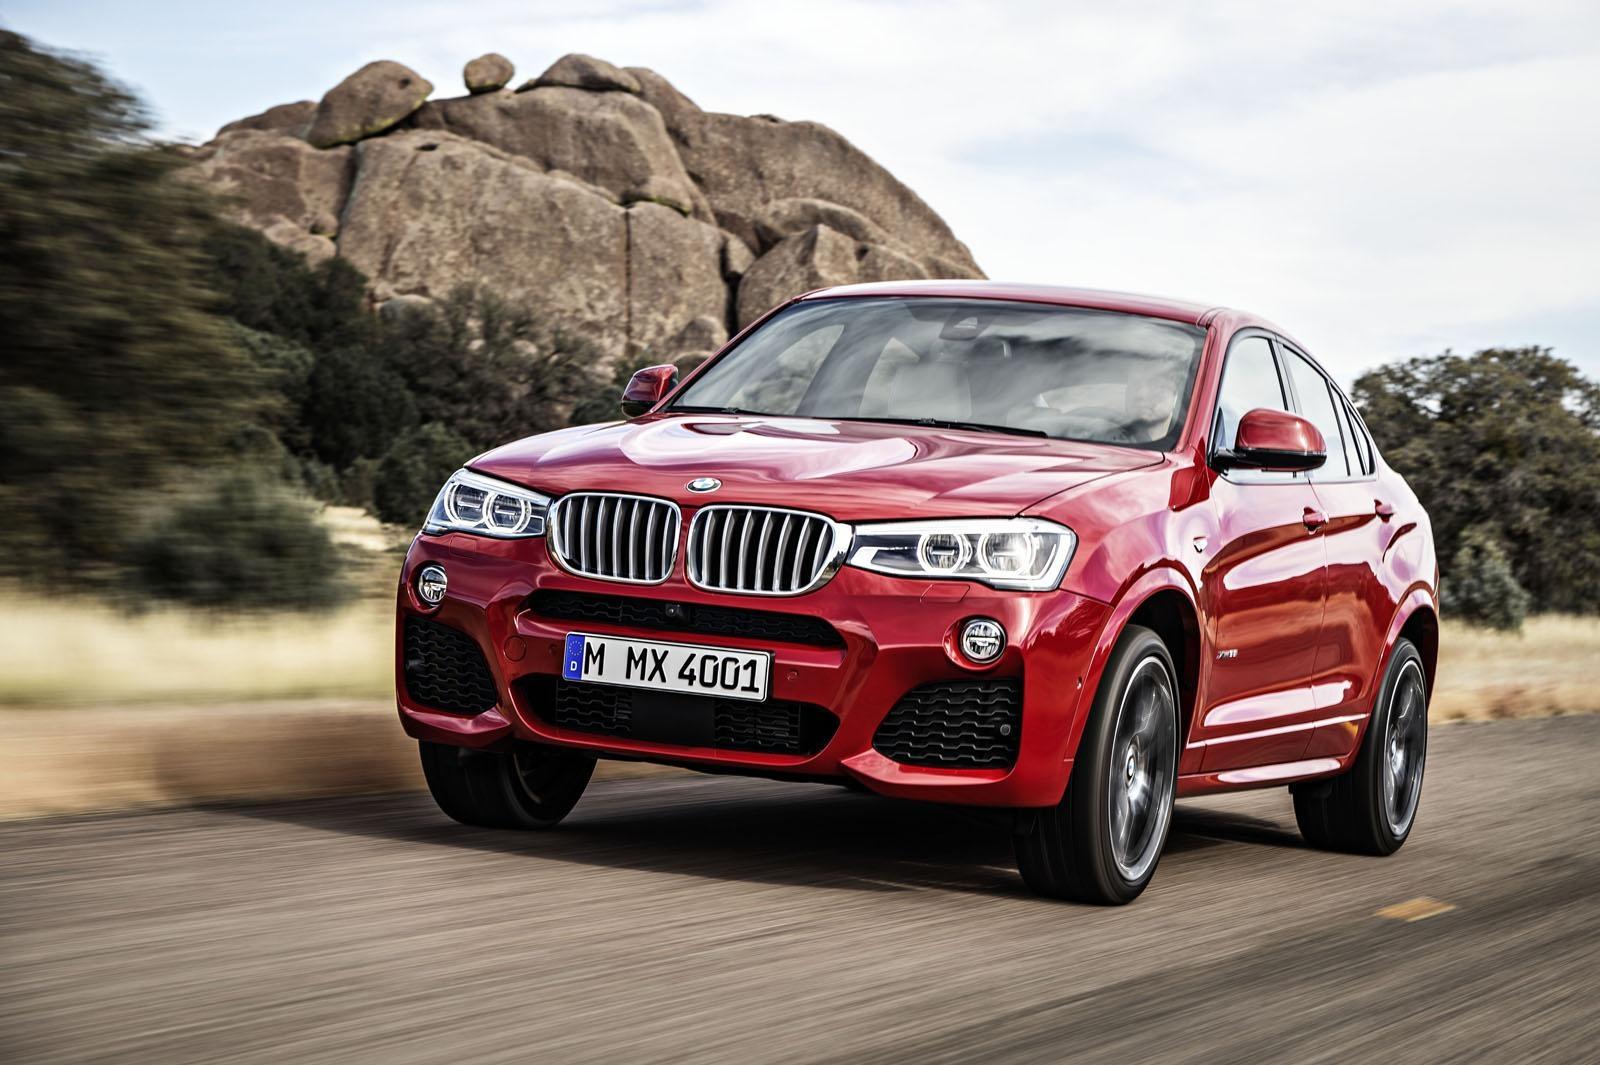 http://images.caradisiac.com/images/2/9/5/6/92956/S0-Le-nouveau-BMW-X4-enfin-presente-316481.jpg